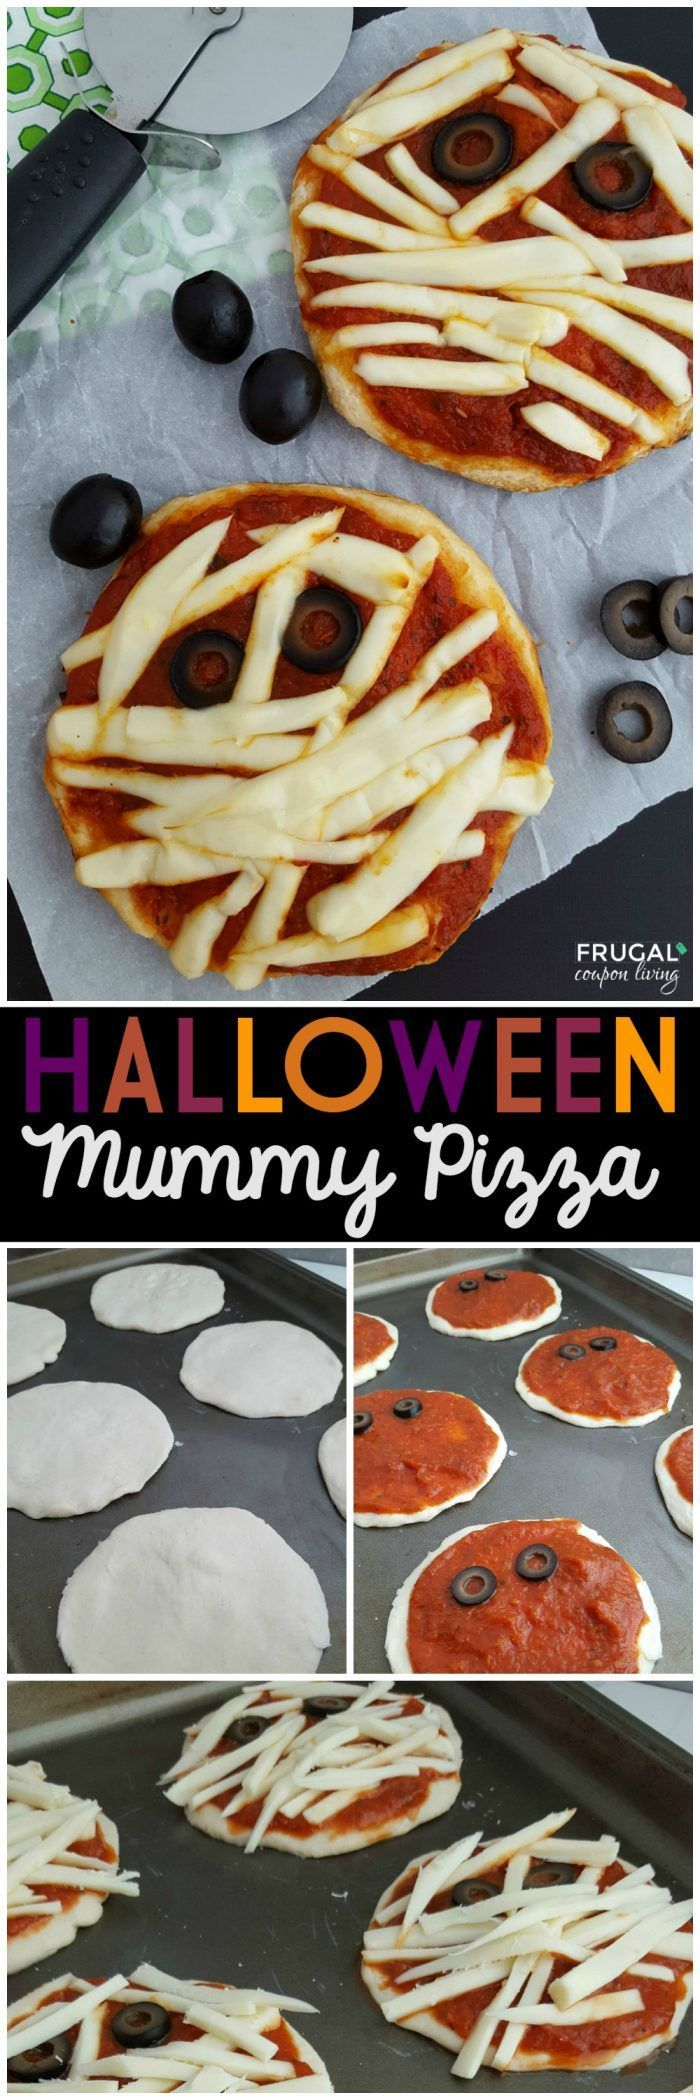 halloween mummy pizza - kids halloween dinner | recipe | popular on